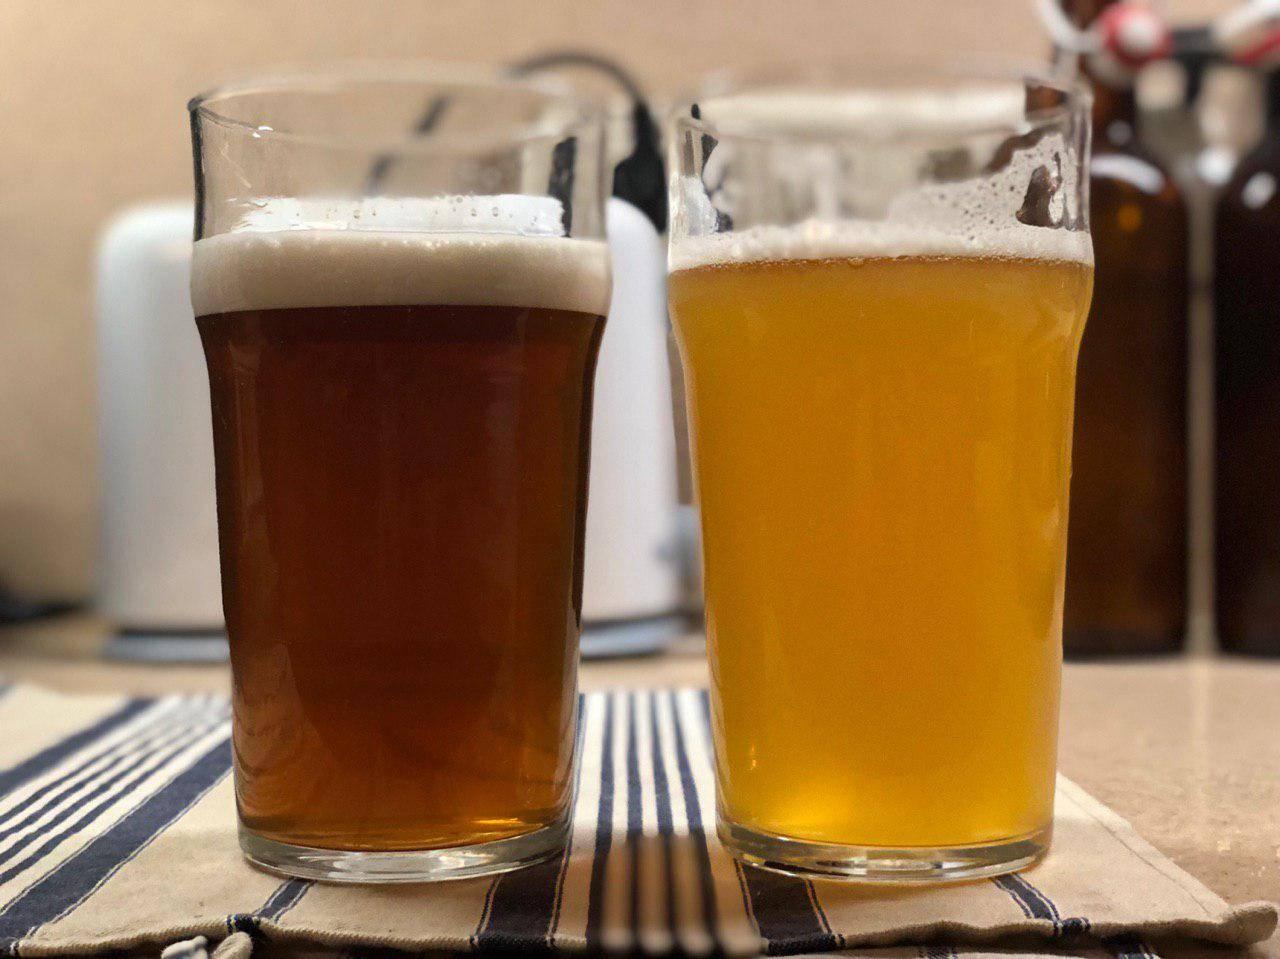 Что такое карбонизация пива и как ее проводить в домашних условиях?